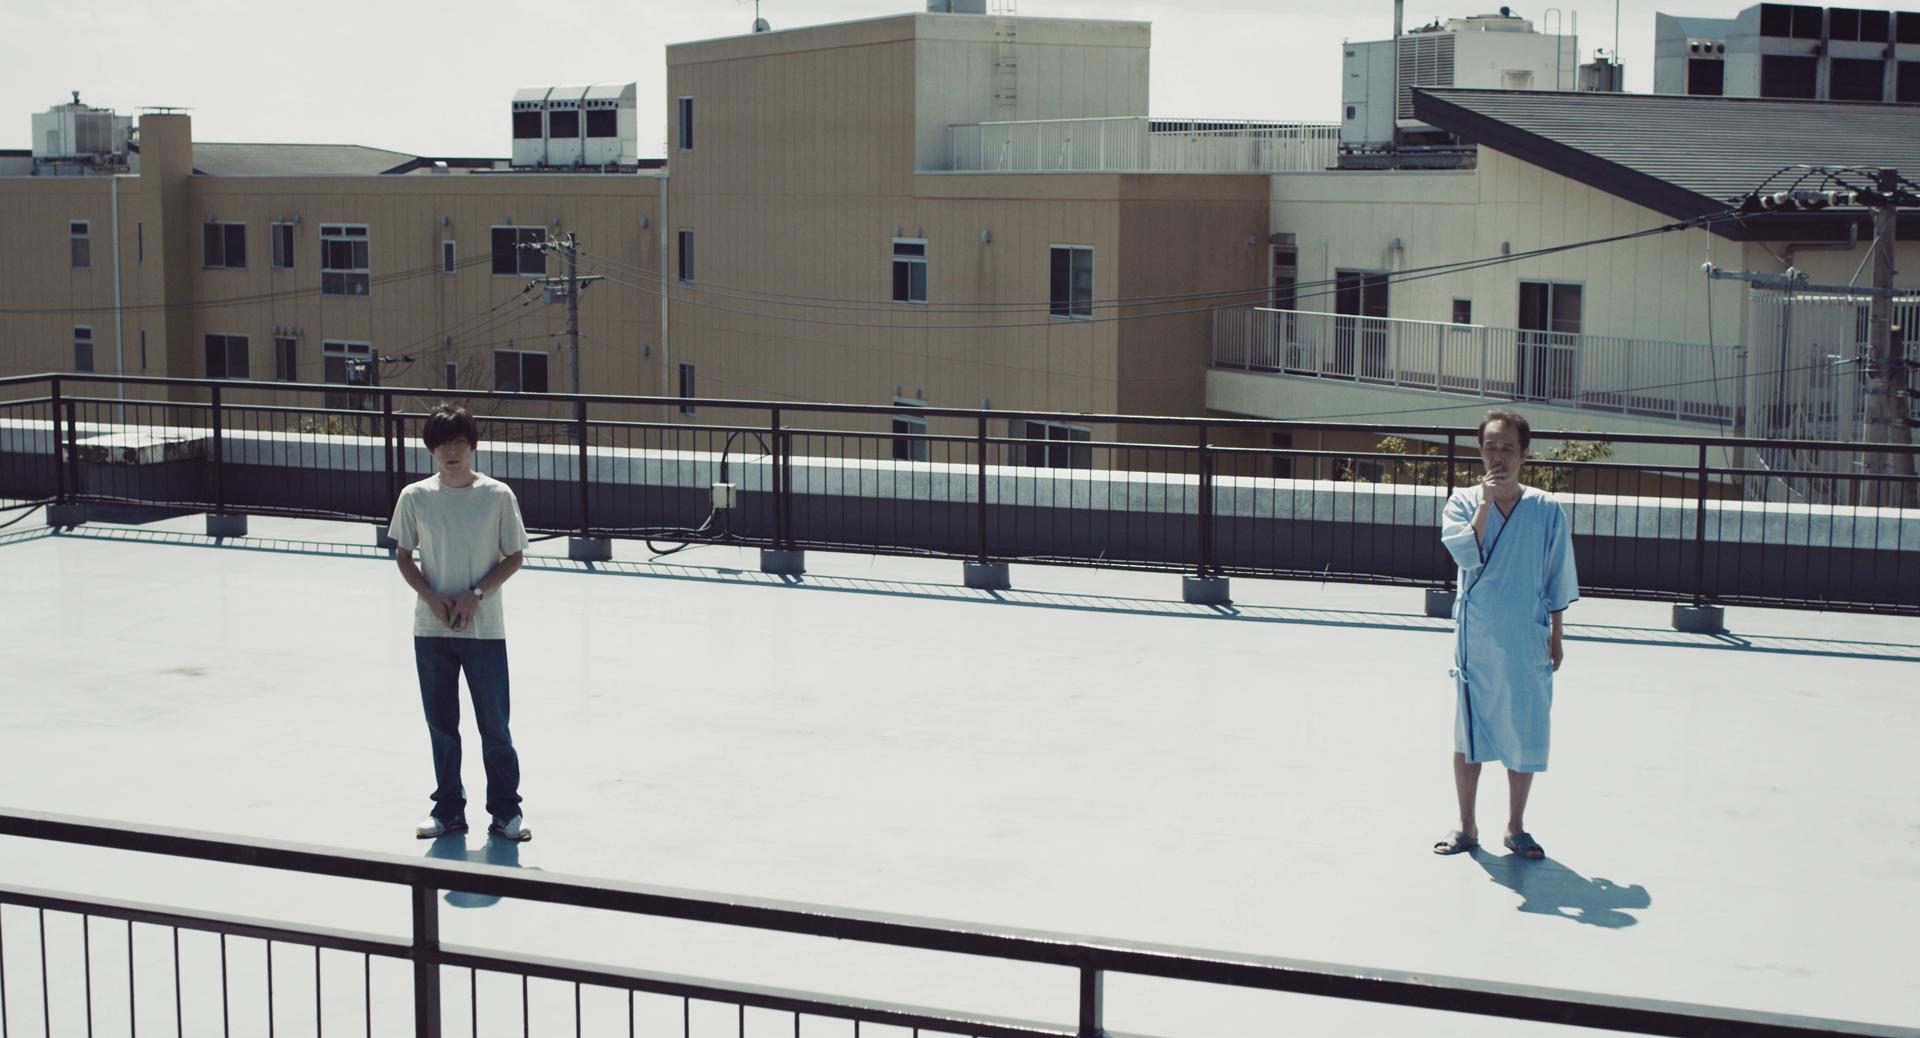 [애프터스크리닝] 미워할 수도 좋아할 수도 없는 '기억'에 대한 영화 '13년의 공백' ★★★☆